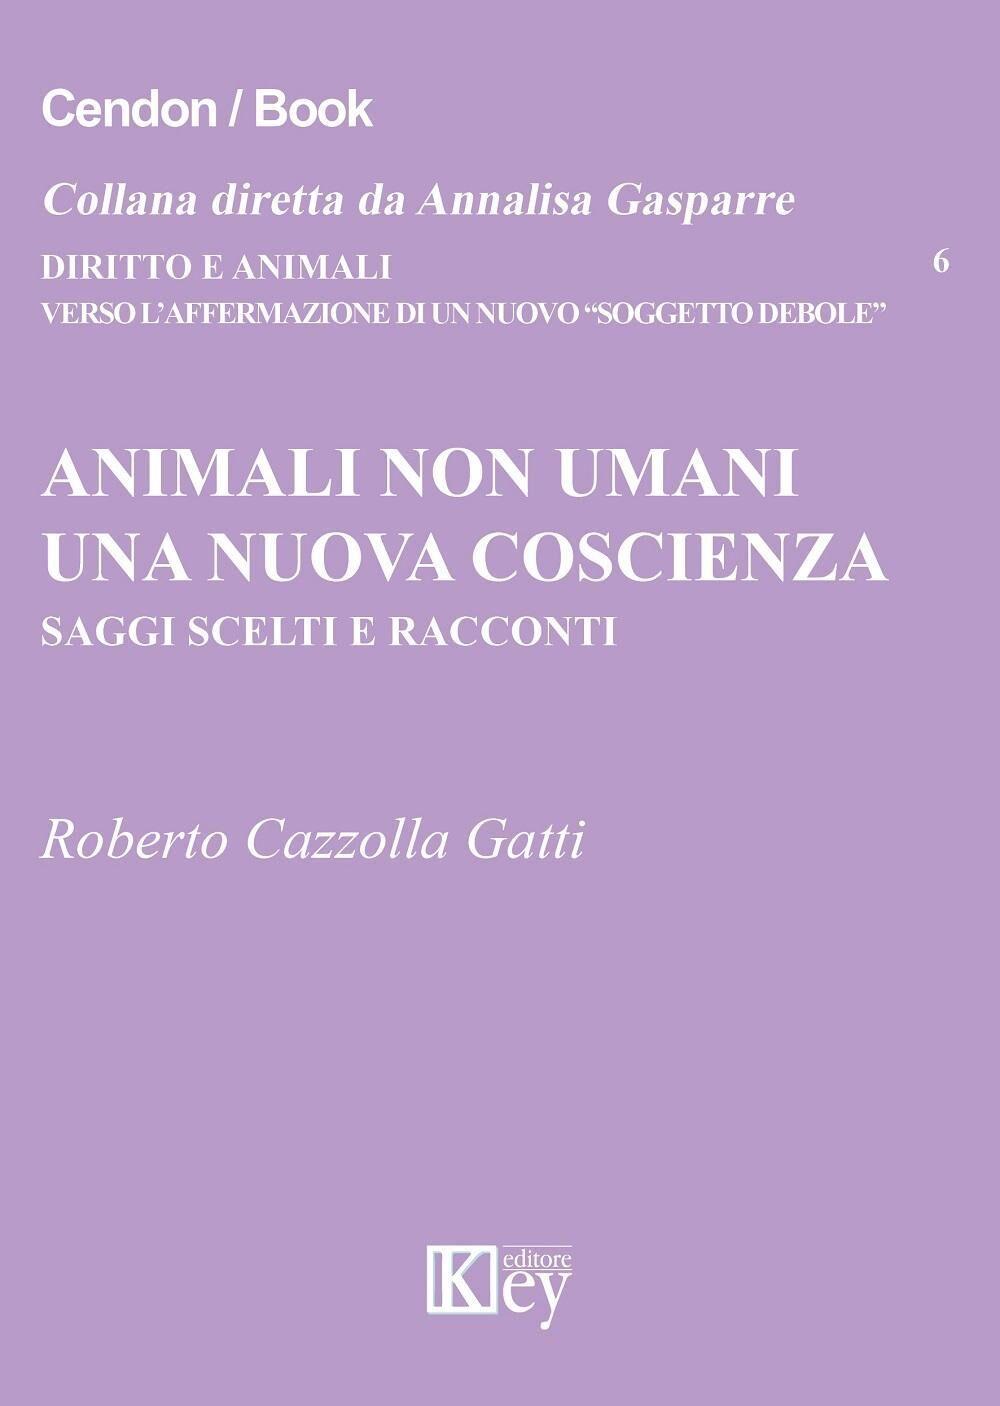 Animali non umani. Una nuova coscienza